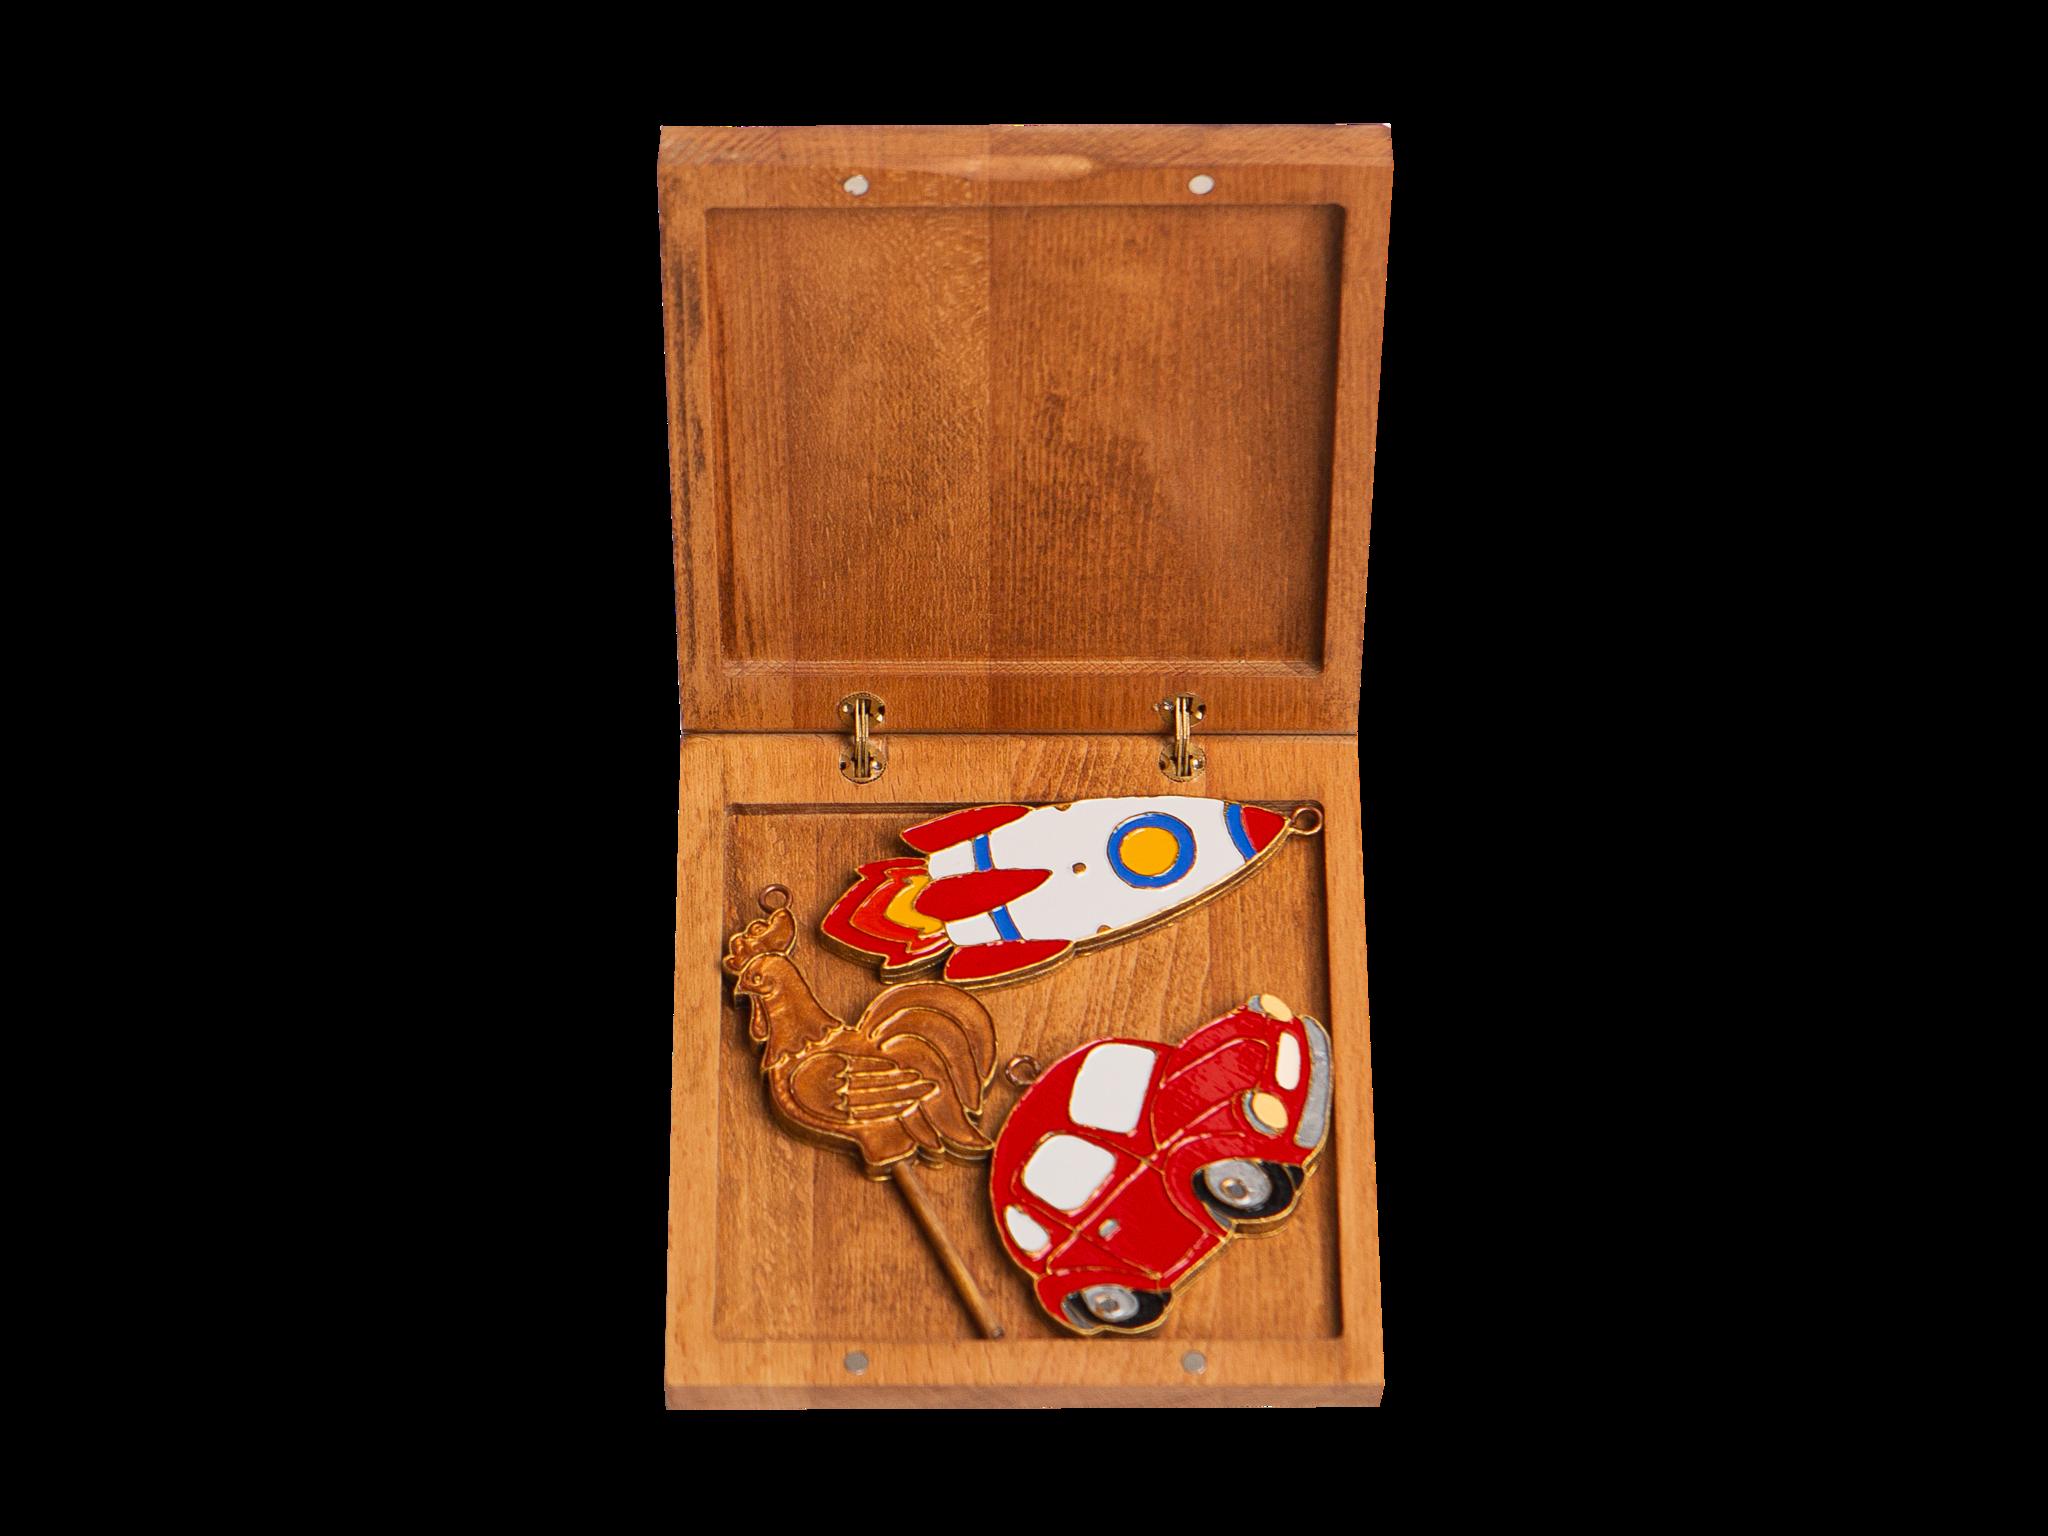 Подарочный набор из трех игрушек: Петушок на палочке, Ракета, Машинка.